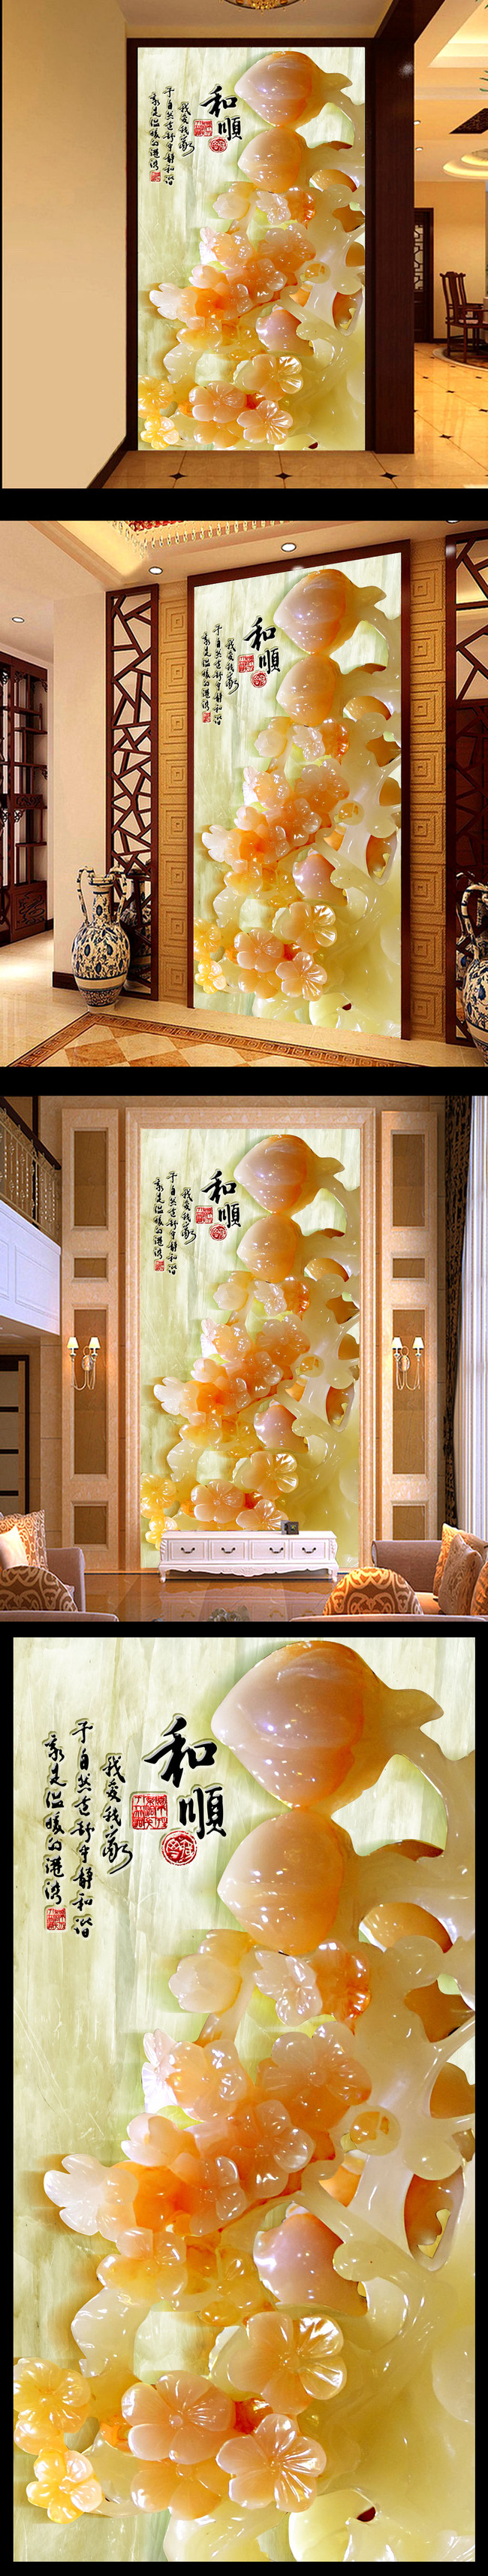 高档玉雕牡丹花开玄关壁画背景墙